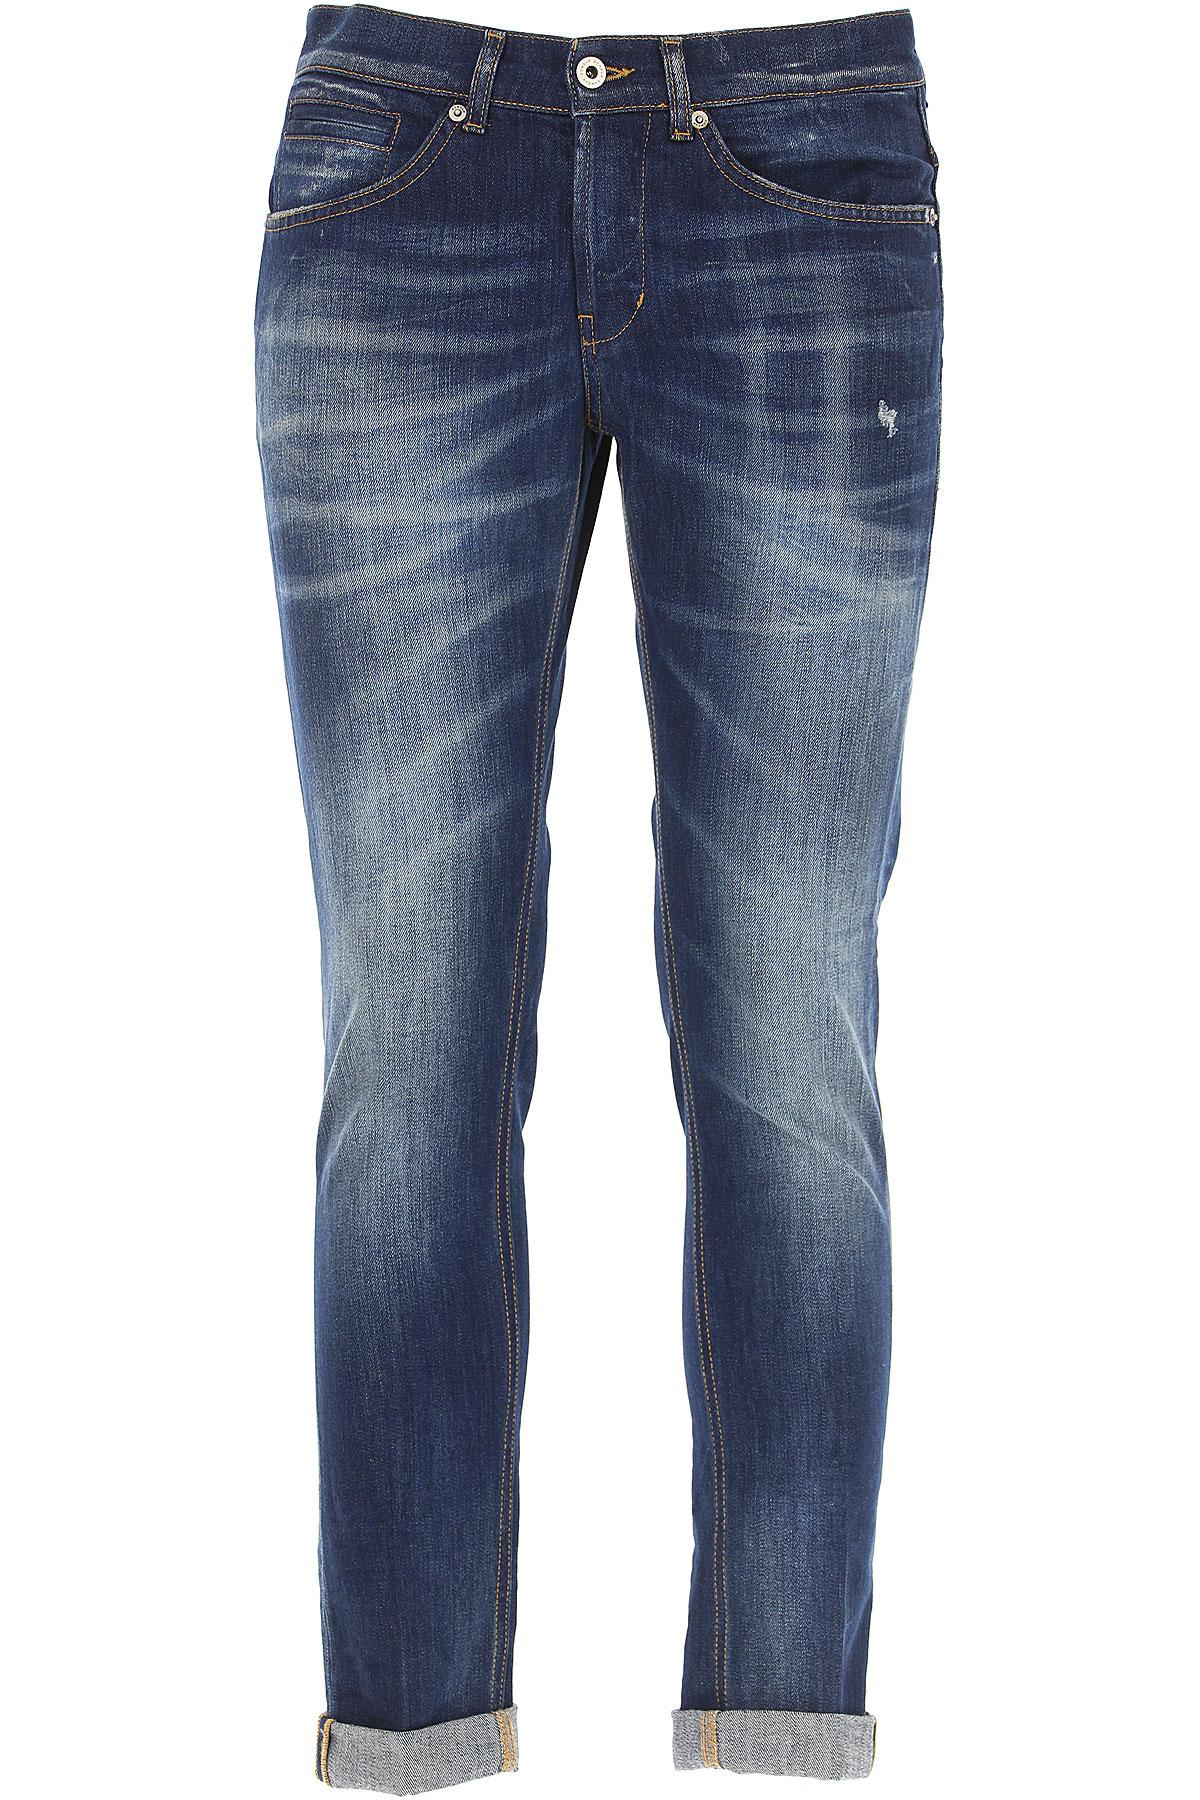 Dondup Jeans On Sale, Denim Blue, Cotton, 2017, 32 38